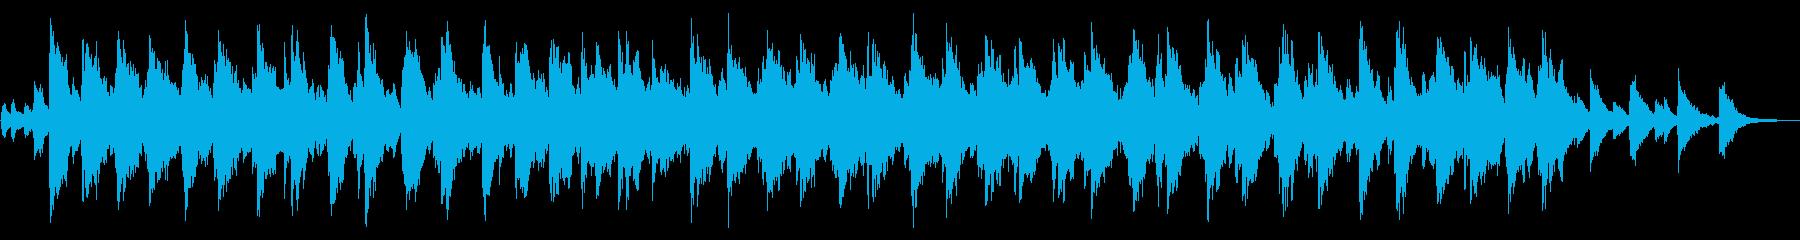 メルトン教会、9つの鐘:リンギング...の再生済みの波形